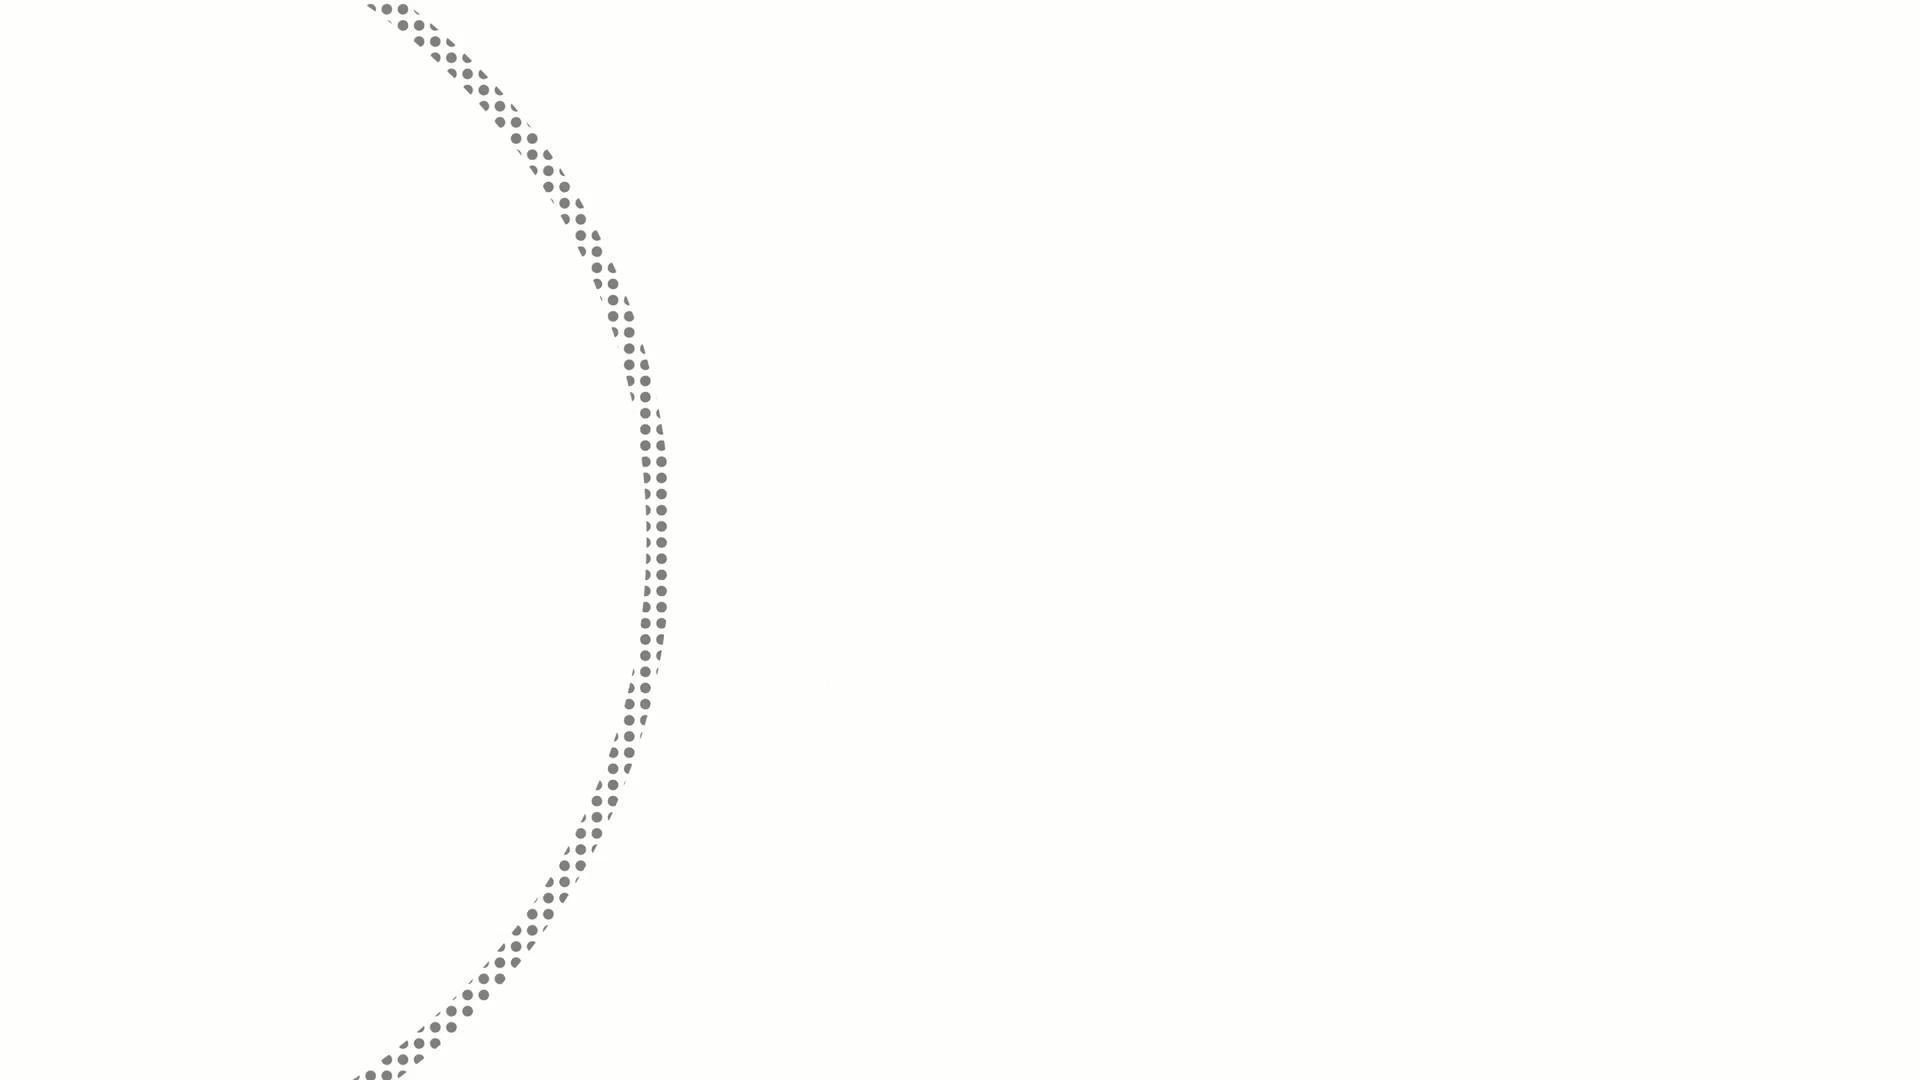 圆点转场过渡素材9